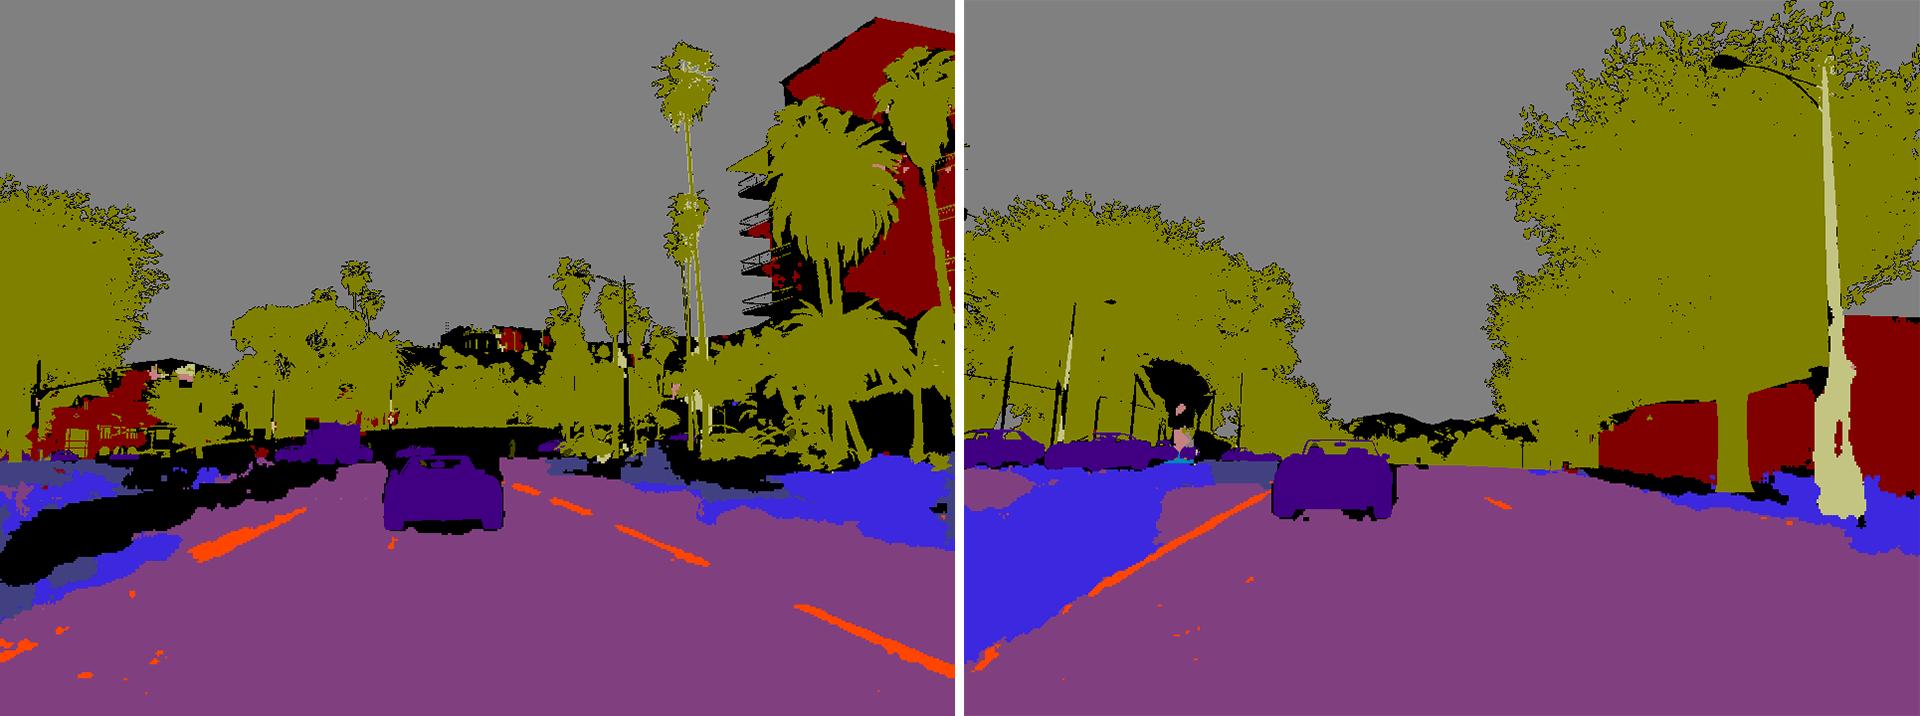 Нейросеть машинного зрения обучают на реалистичных компьютерных играх - 2